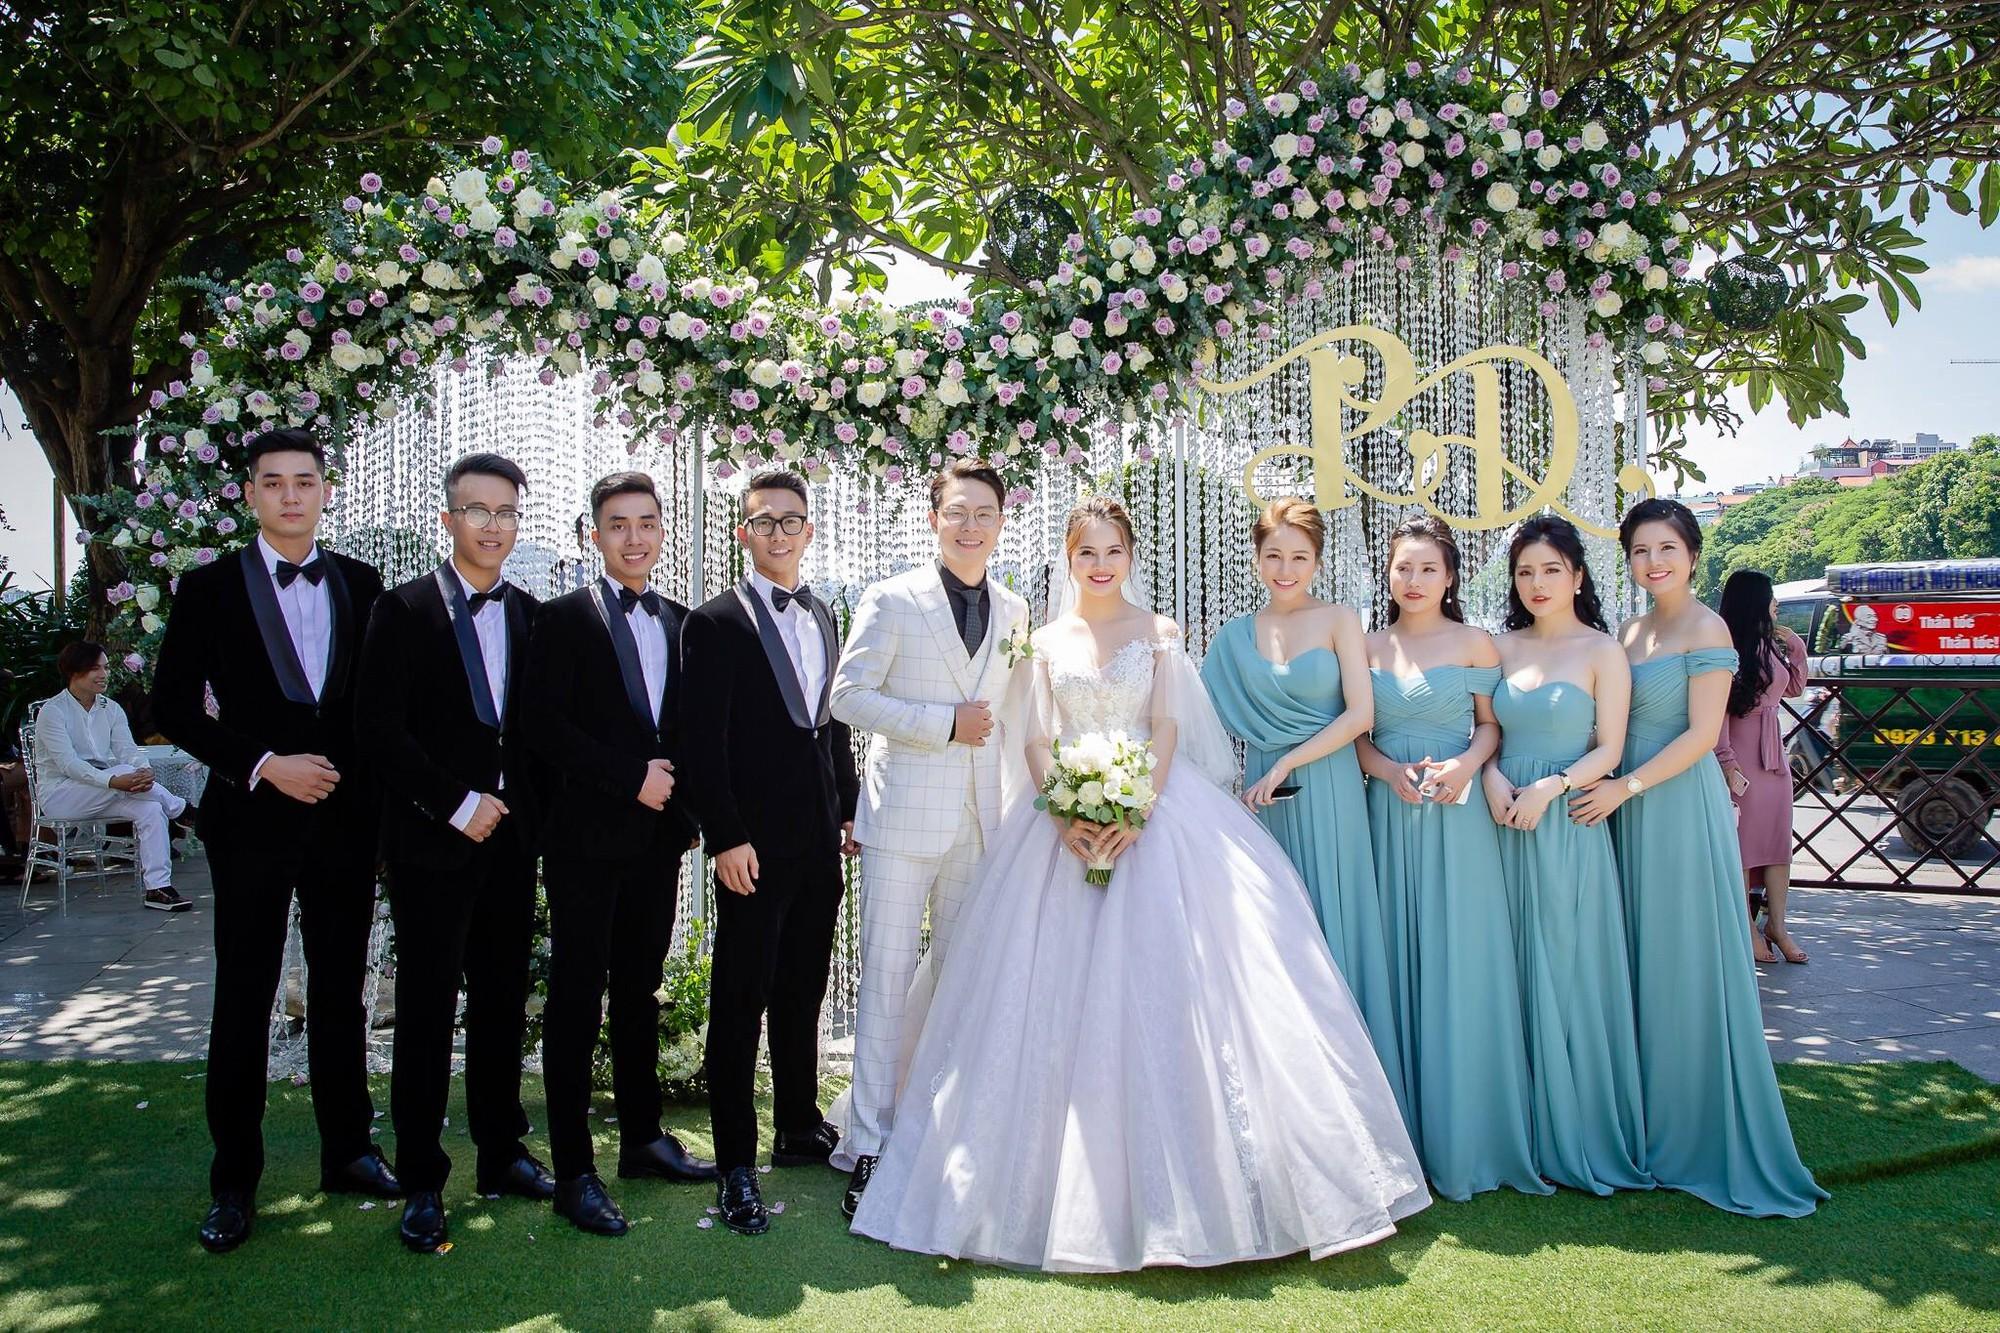 Trâm Anh khoe ảnh làm phù dâu xinh đẹp với hội bạn thân, tiết lộ 5 năm nữa sẽ cưới - Ảnh 4.